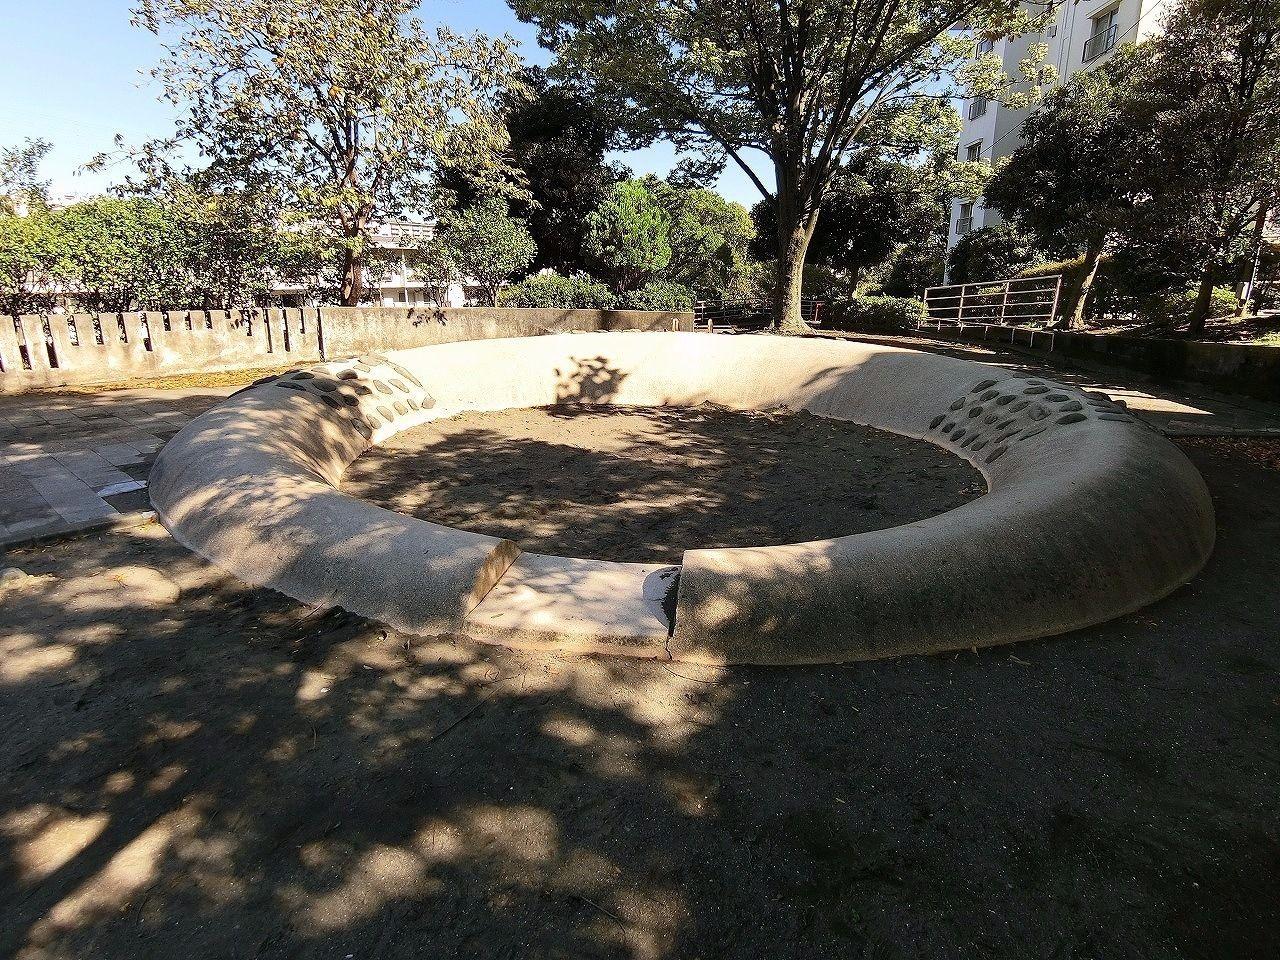 ドーナッツ公園・たまプラーザ団地(敷地内)の砂場